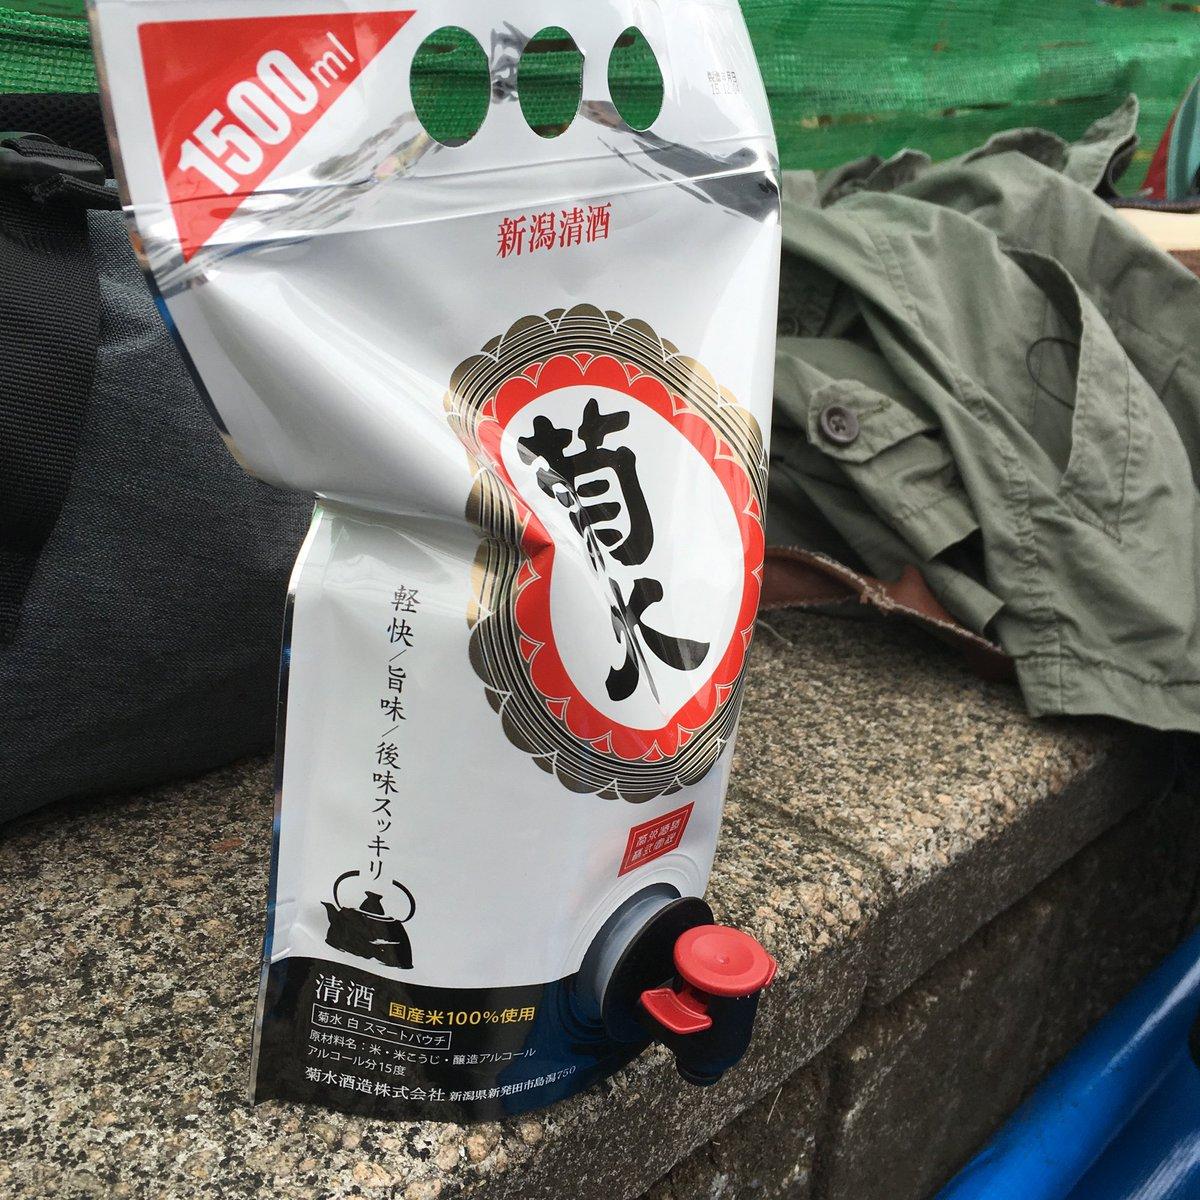 即席日本酒サーバー出来ました https://t.co/vf7CDoxRpN